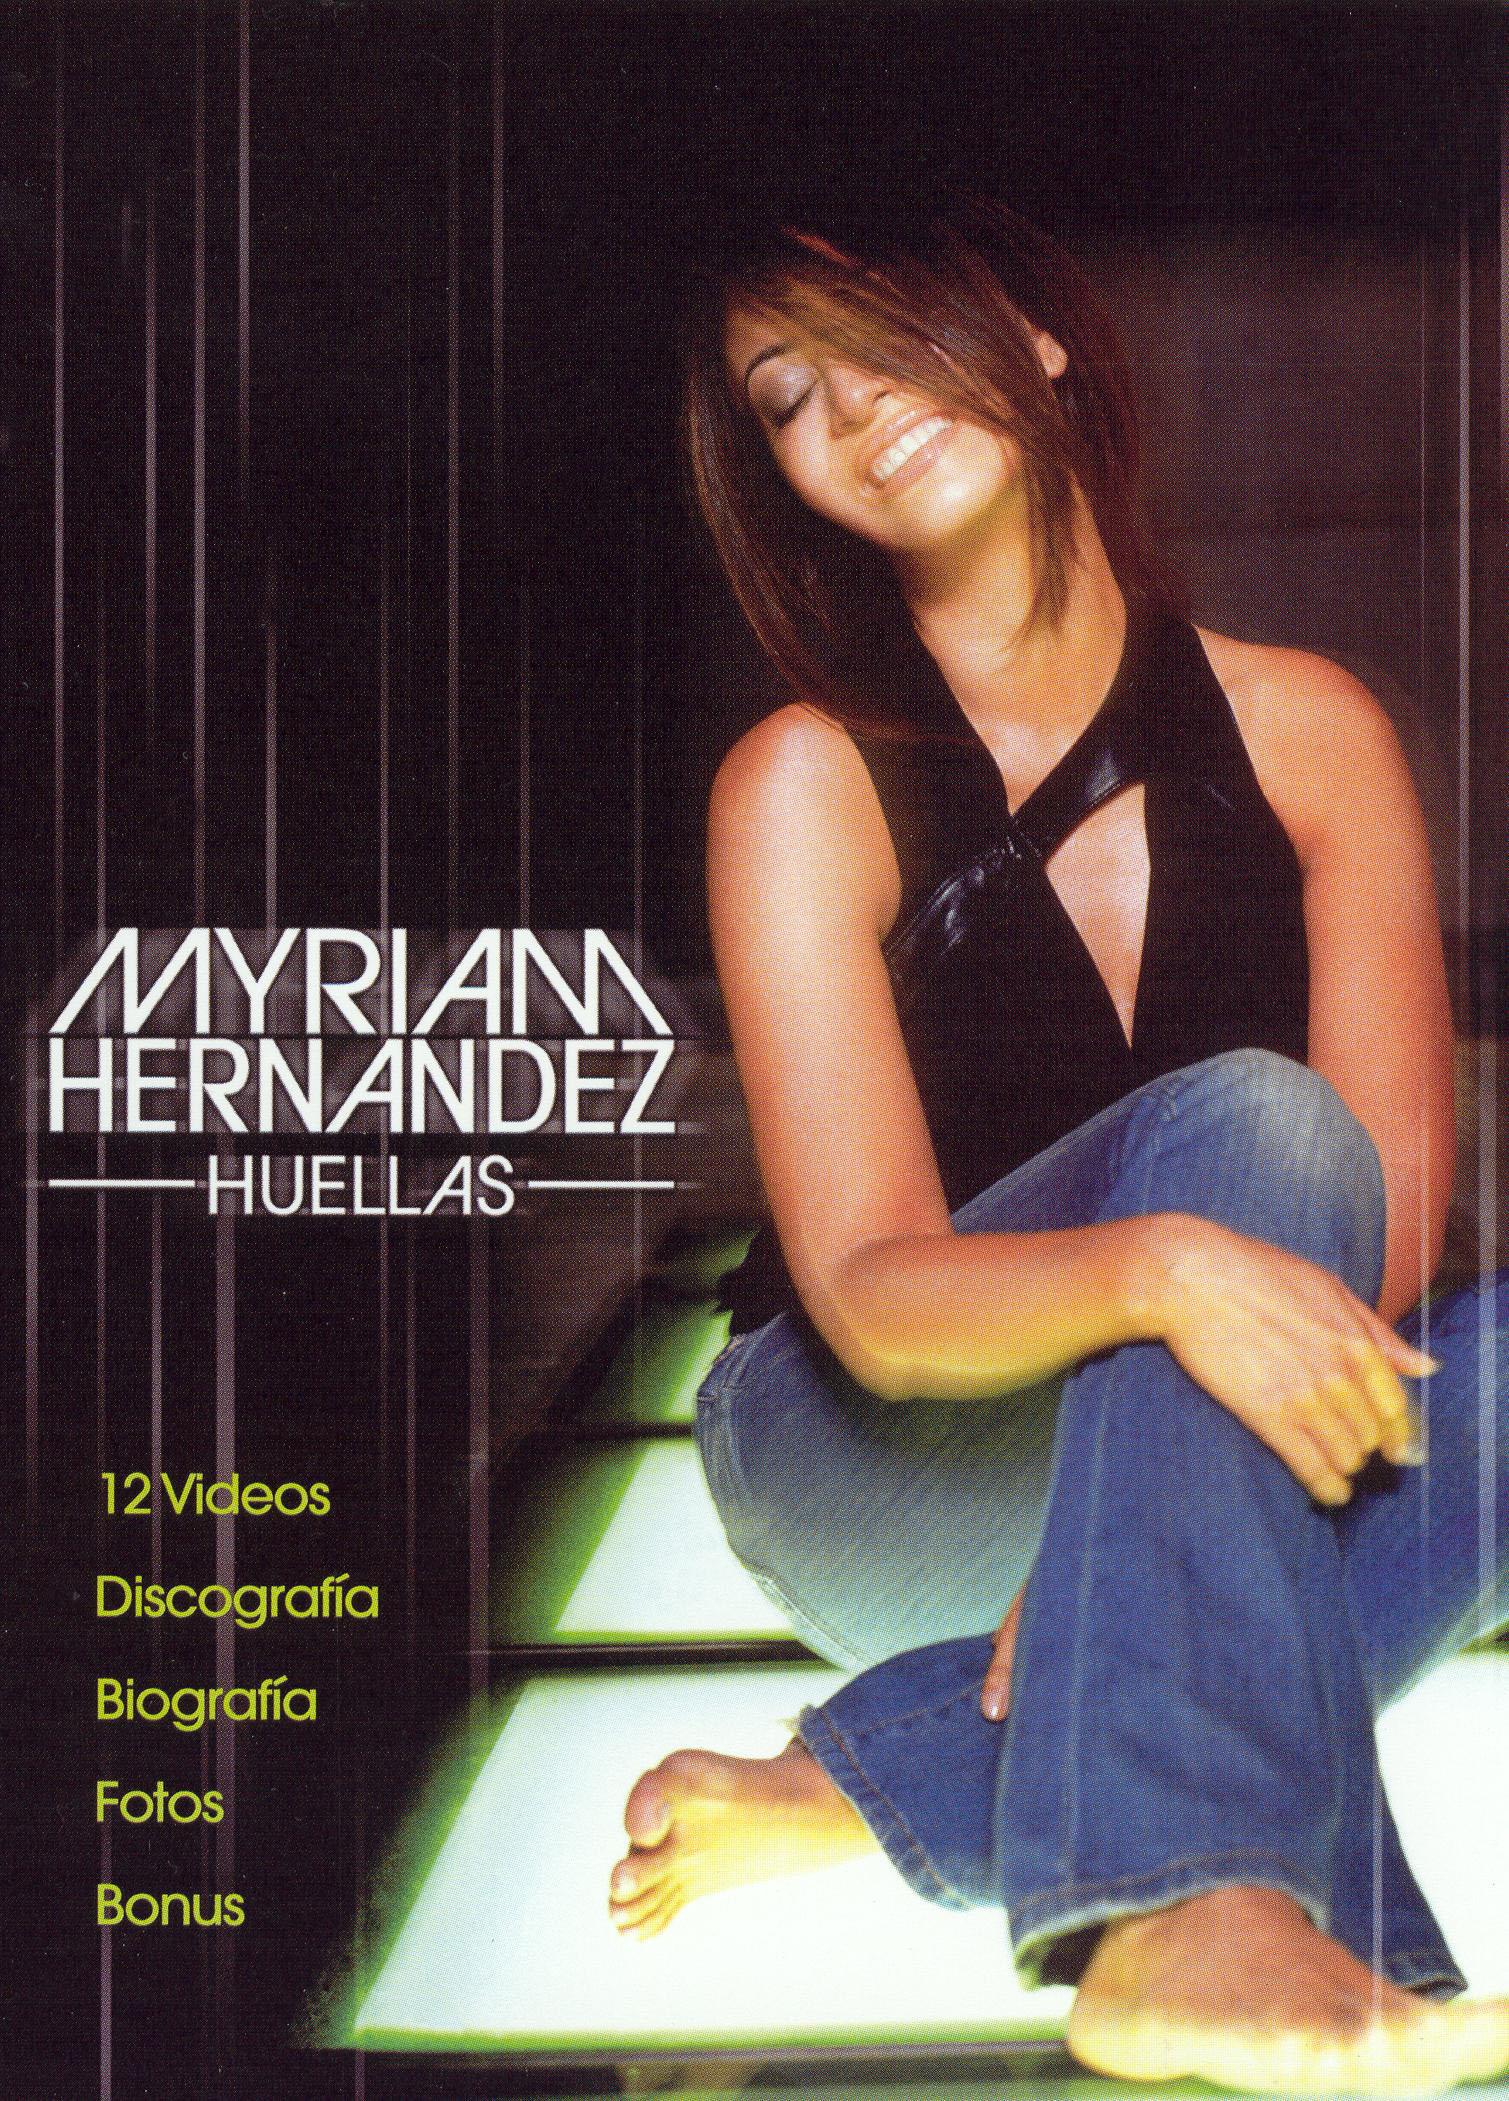 Myriam Hernandez: Huellas